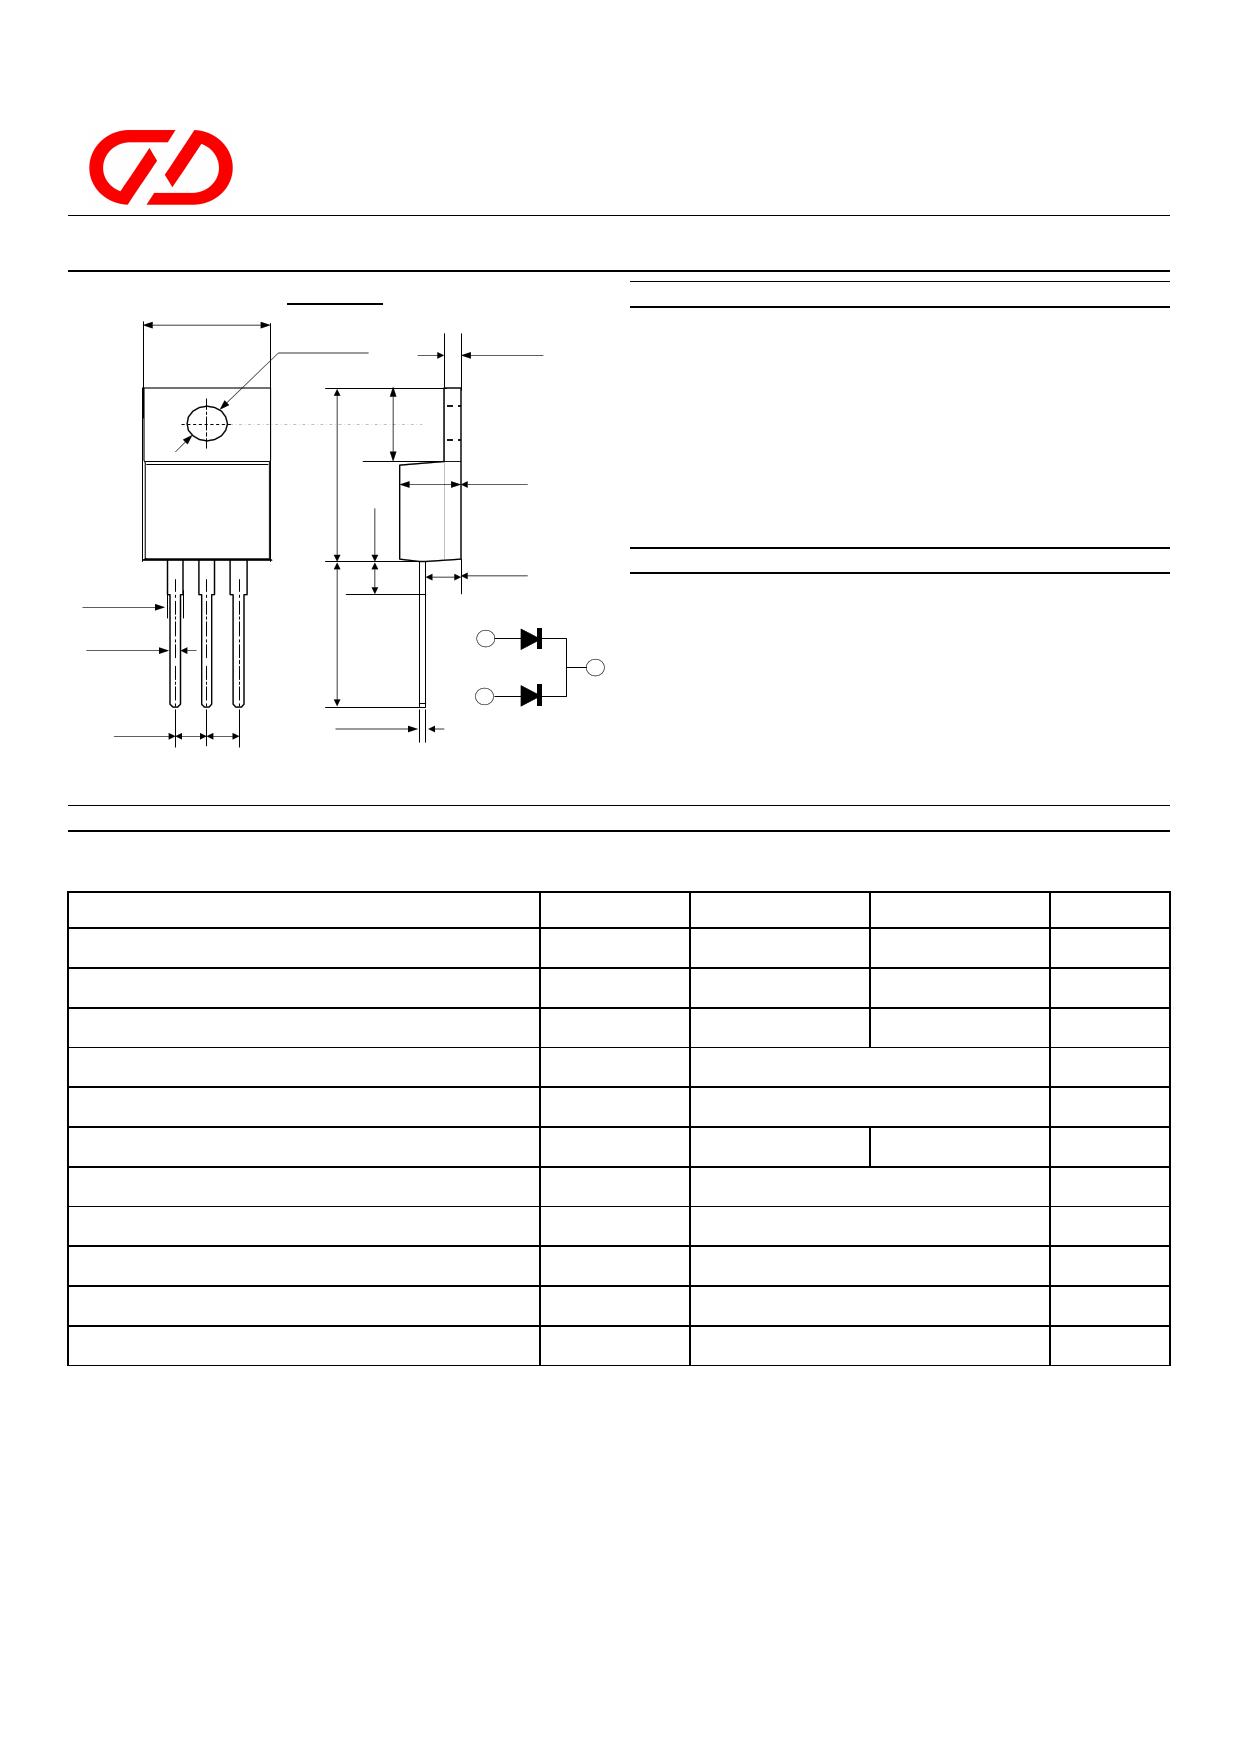 MUR3040CT datasheet